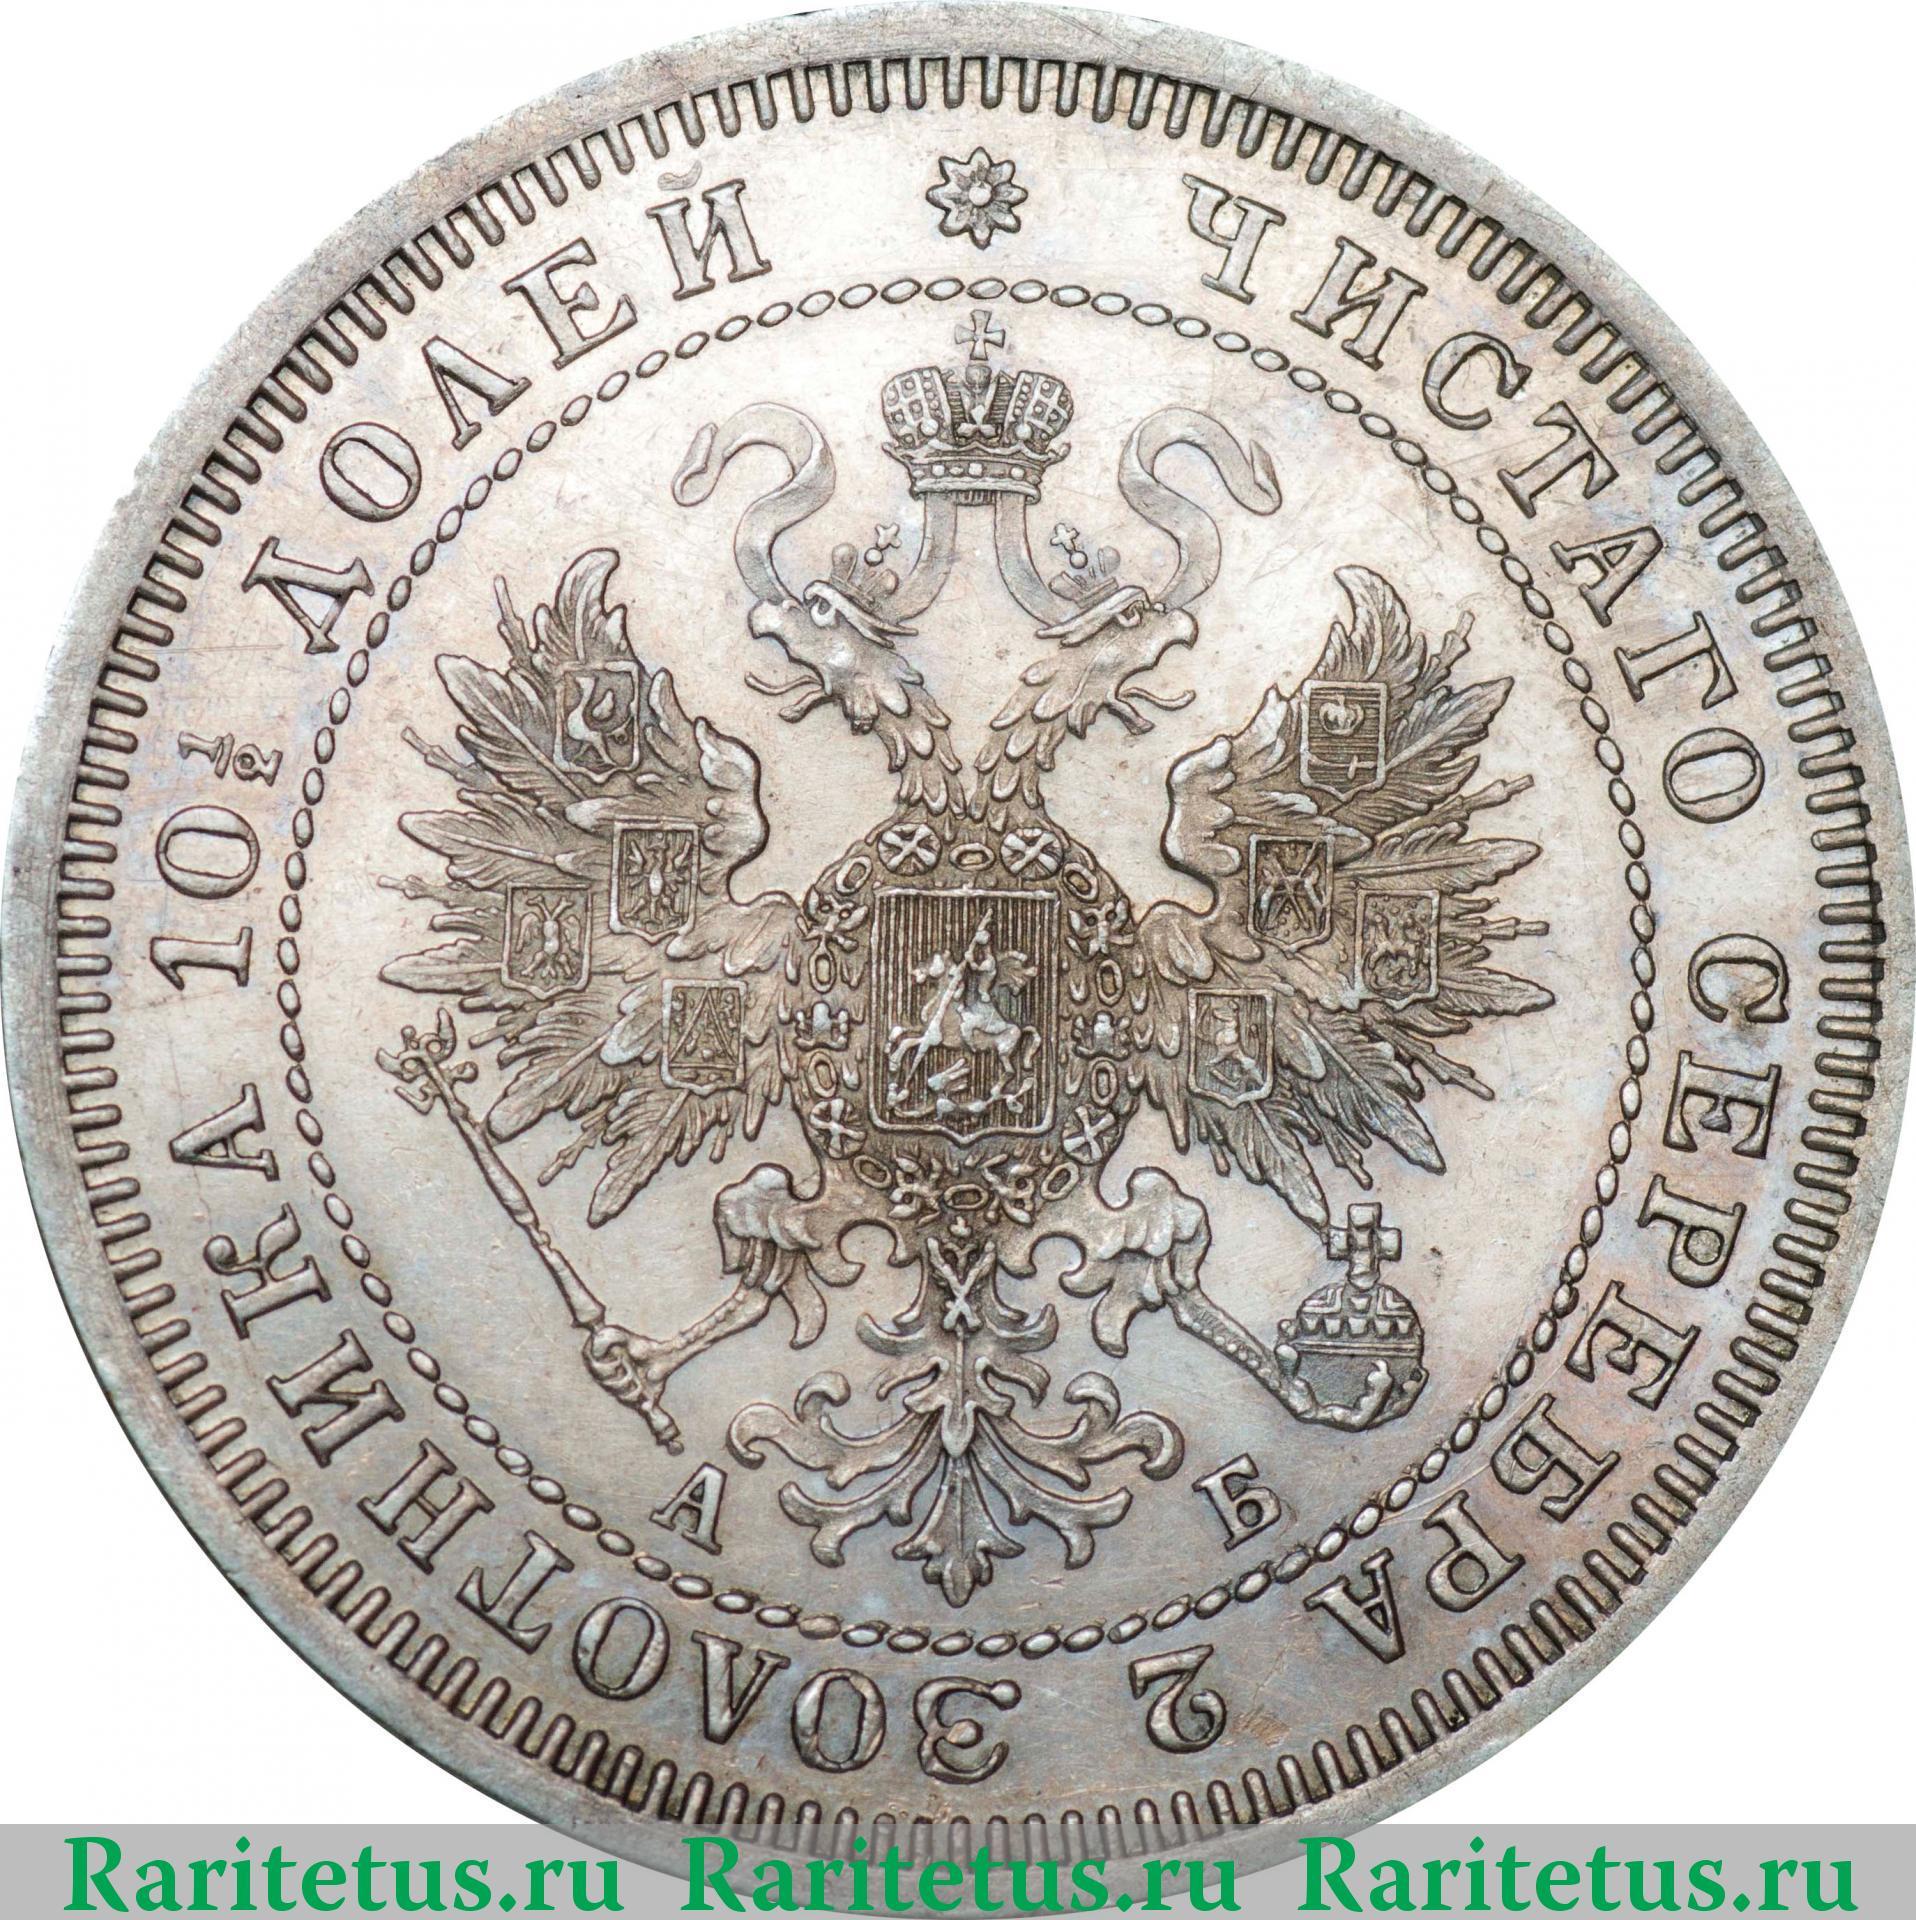 Рубль 1863 спб цена копейка 2002 года стоимость